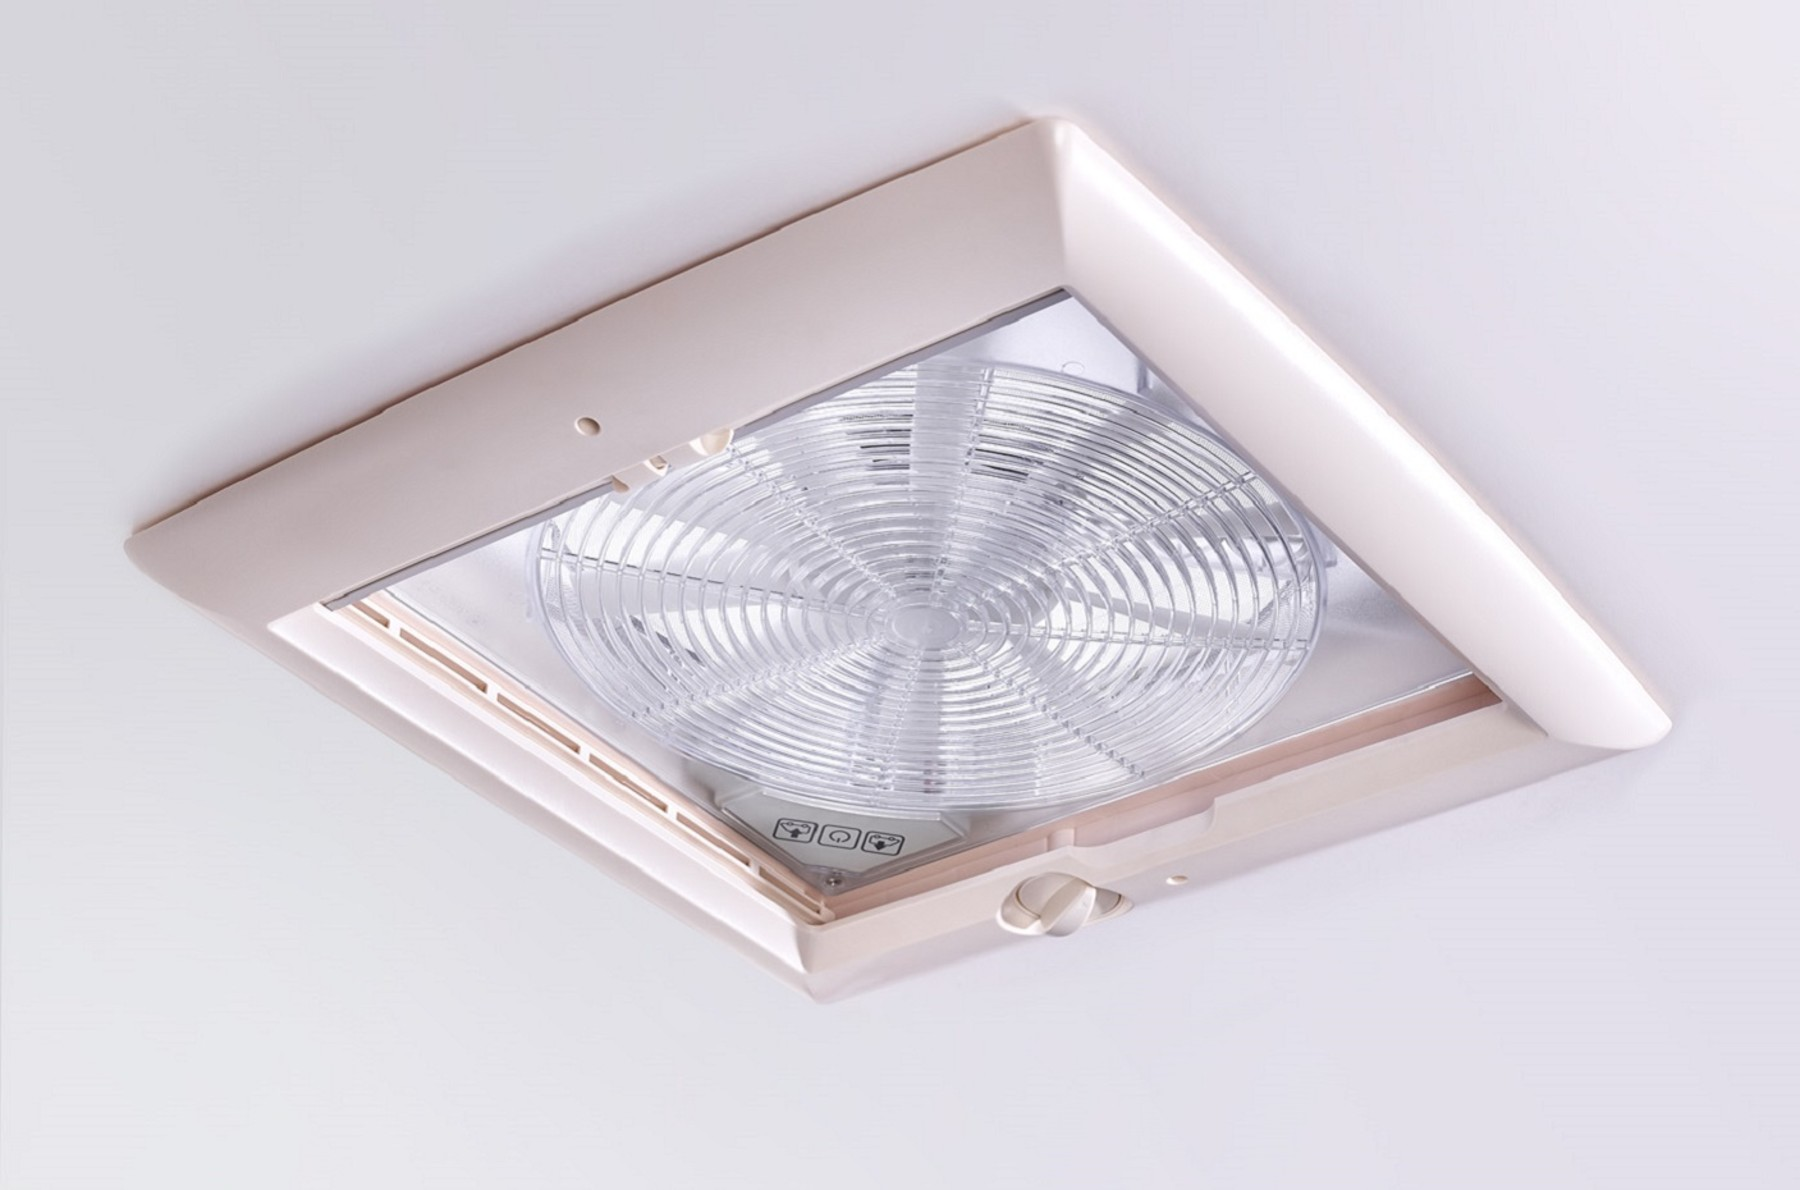 omnivent 12v blanc ventilateur 12 volts. Black Bedroom Furniture Sets. Home Design Ideas